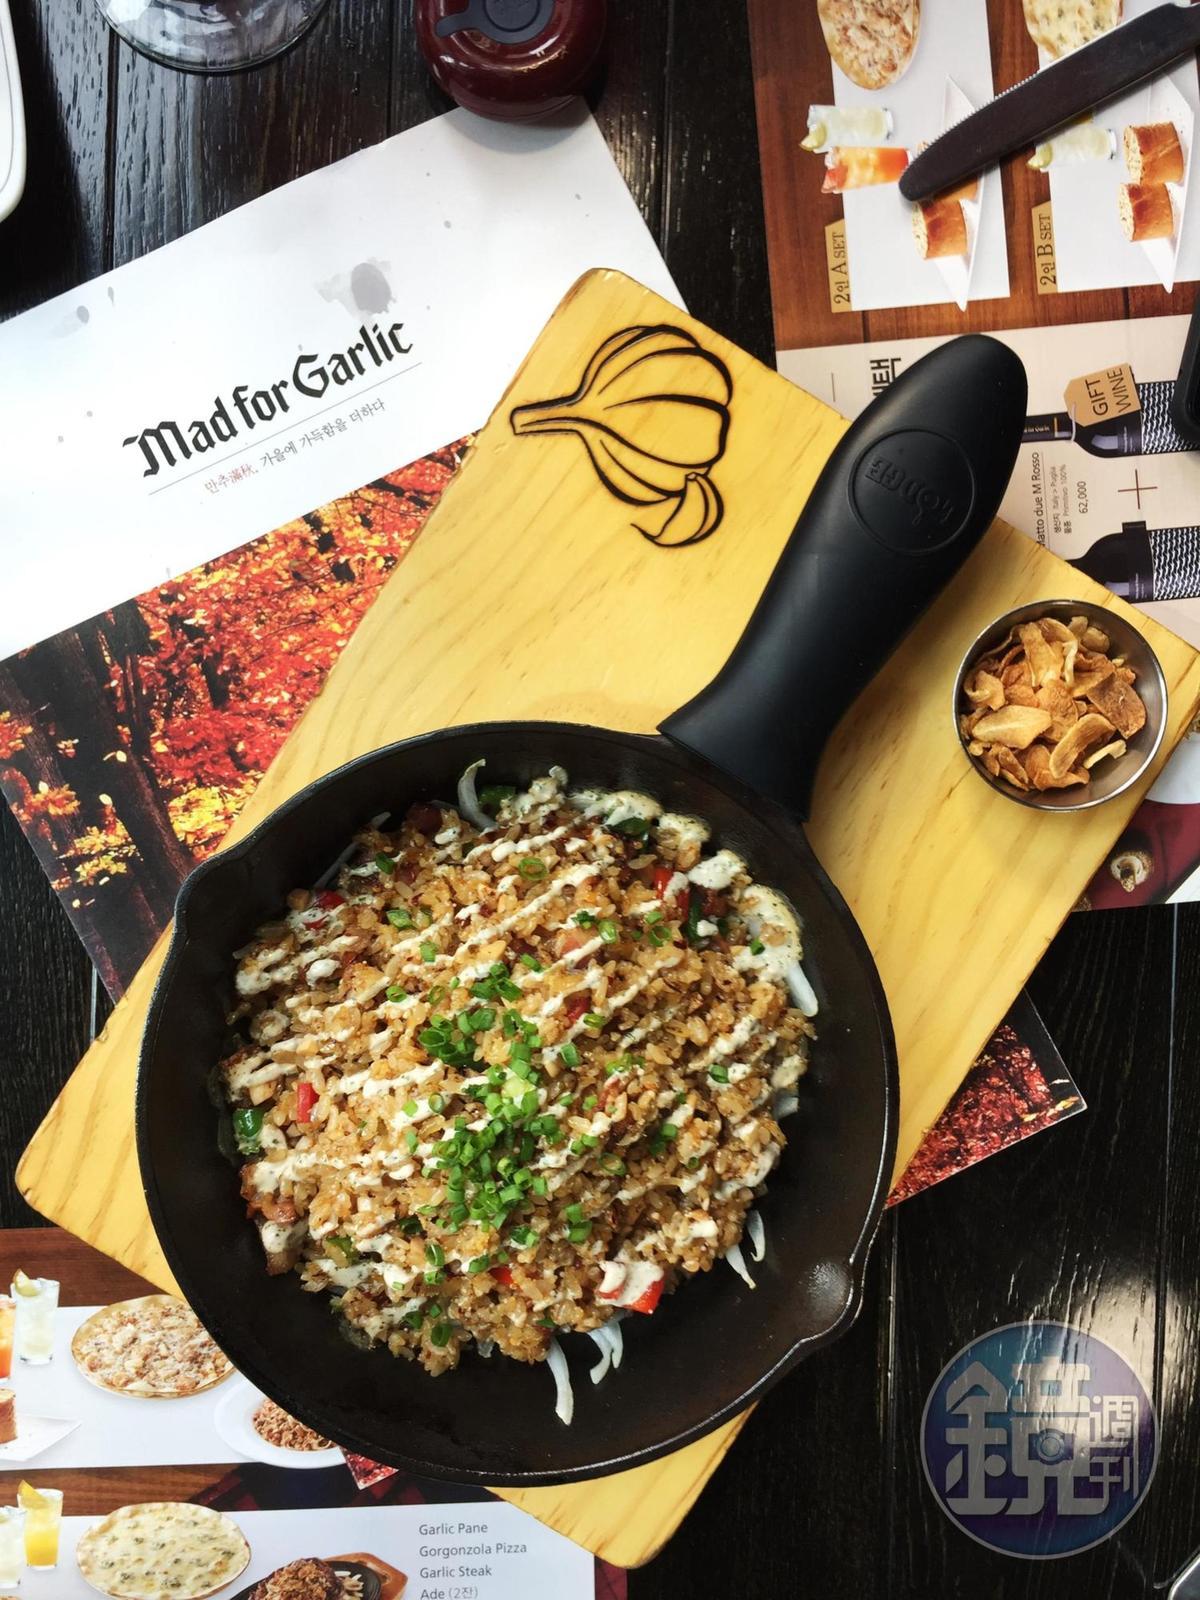 加入醃漬蒜頭、培根同炒的牛油炒飯「Garlic Sizzling Rice」,用鐵鍋盛盤,香氣四溢。(22,800韓元/份,約NT$625)